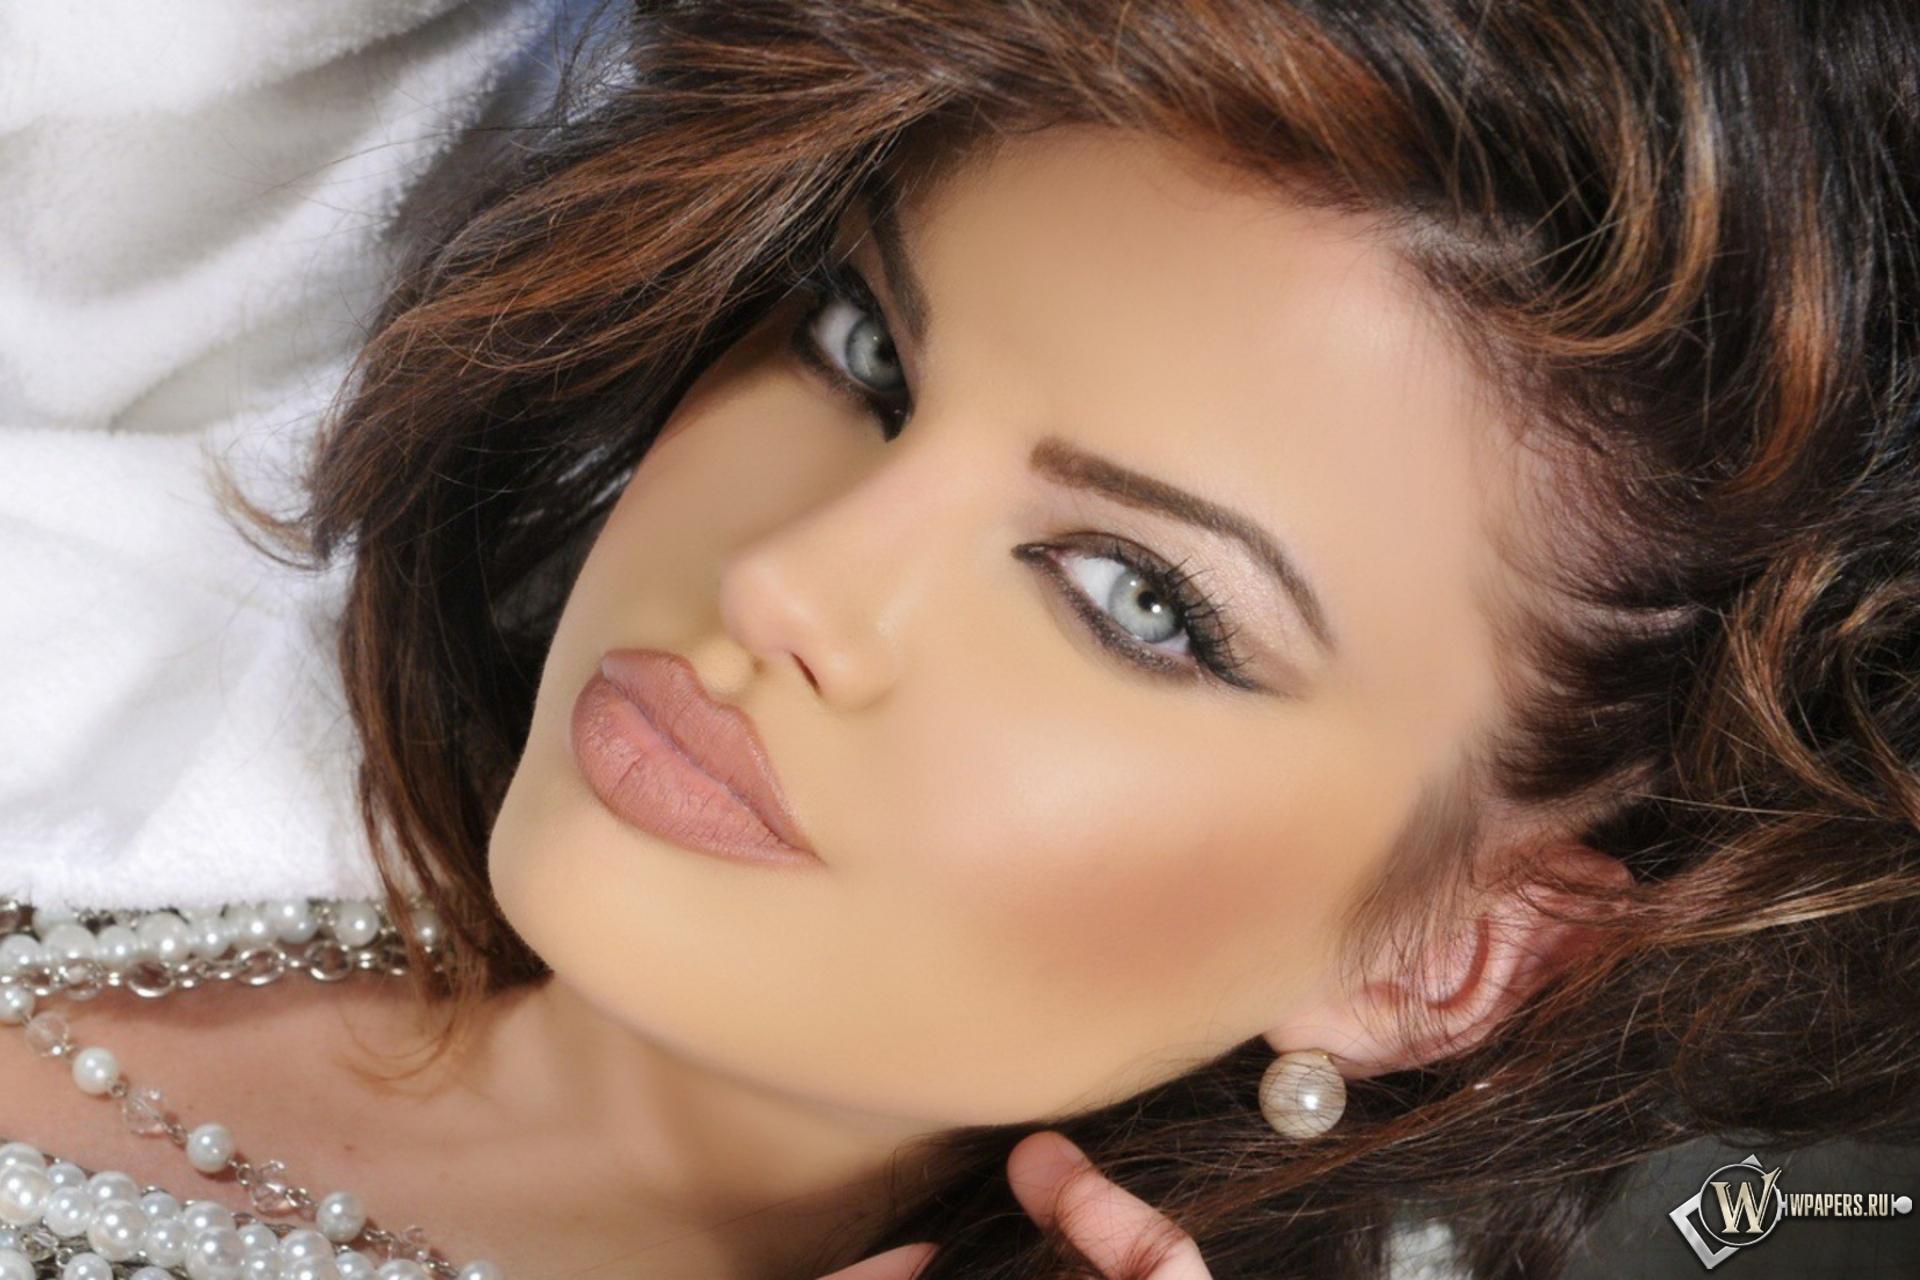 Фото глаз красивой девушки 15 фотография